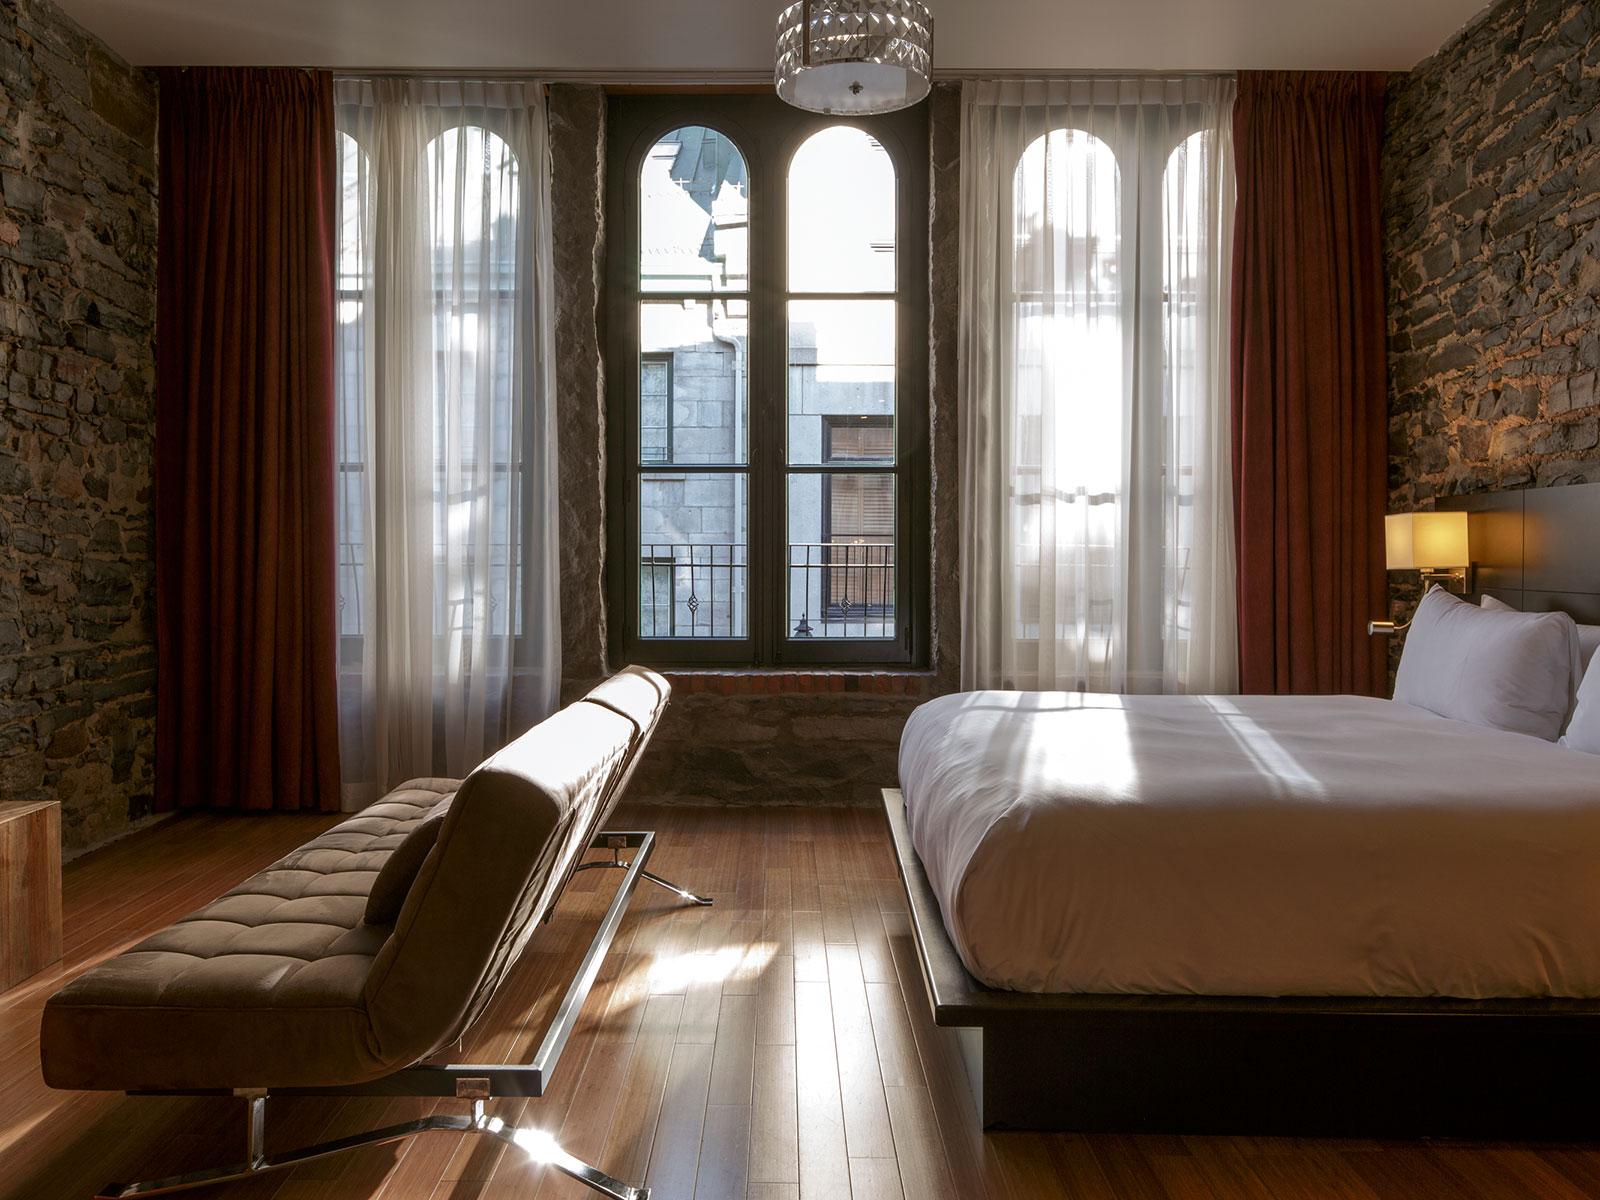 Un futon noir en face d'un lit dans l'une des chambres du Petit Hôtel.